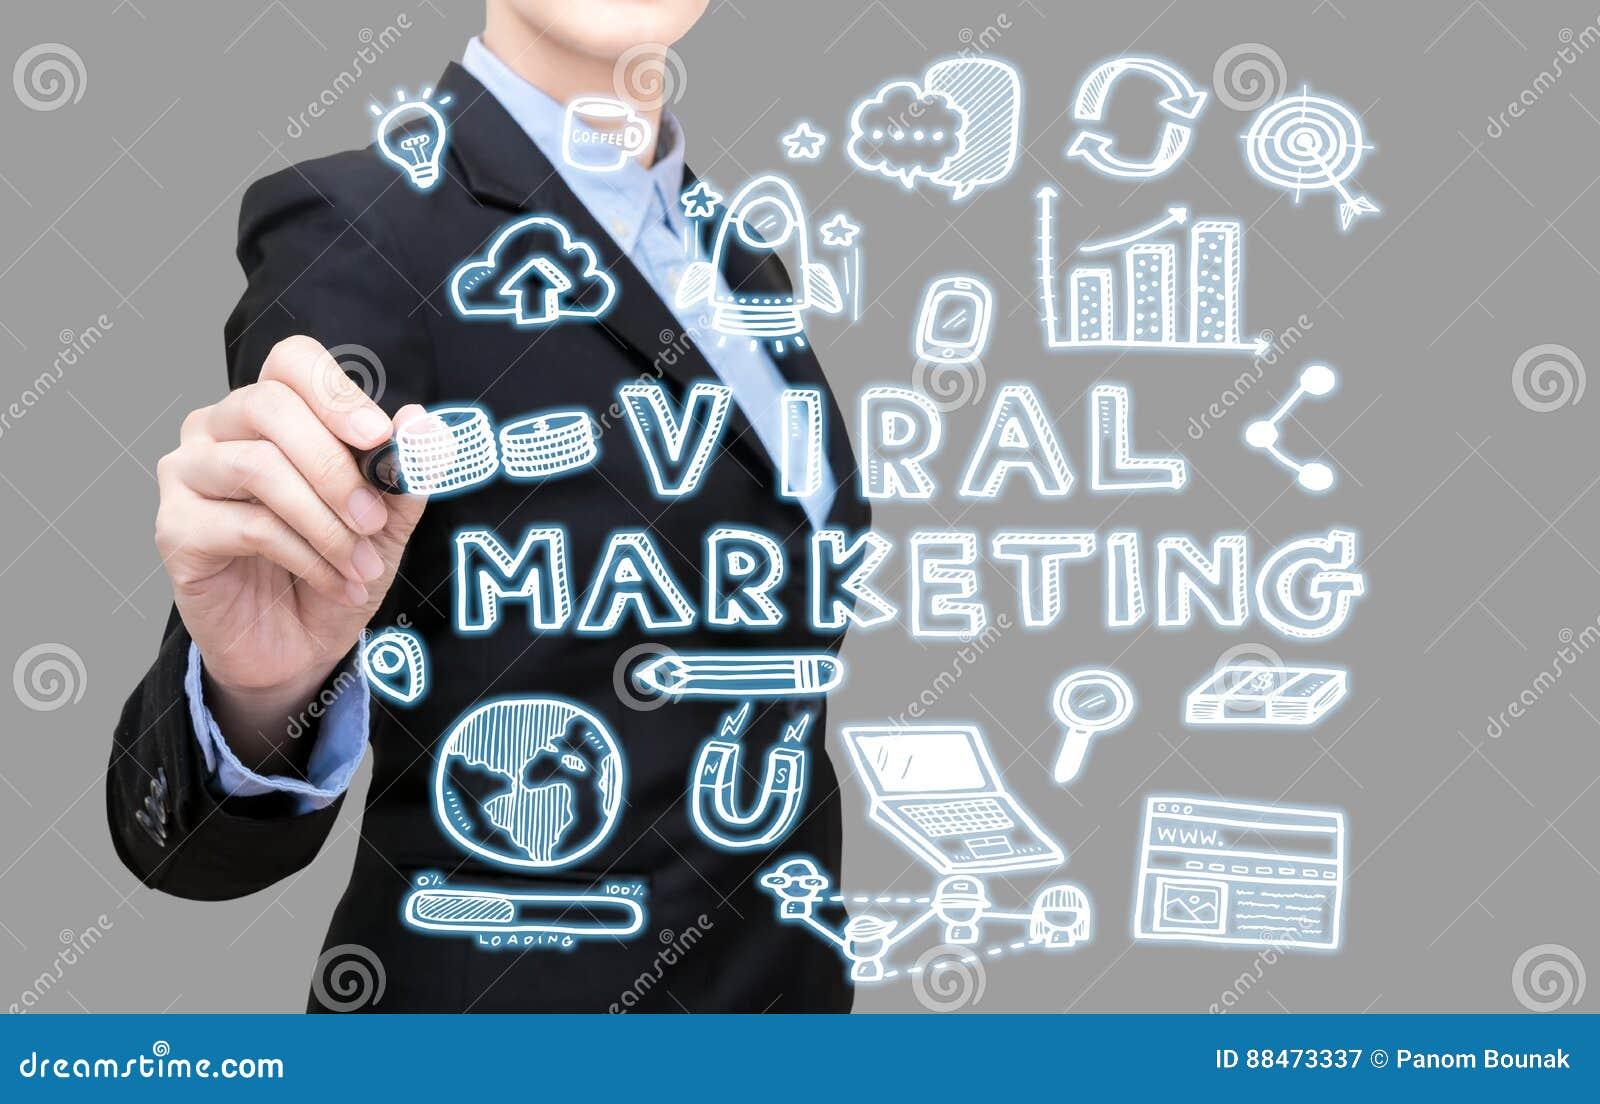 бизнес план обучения персонала